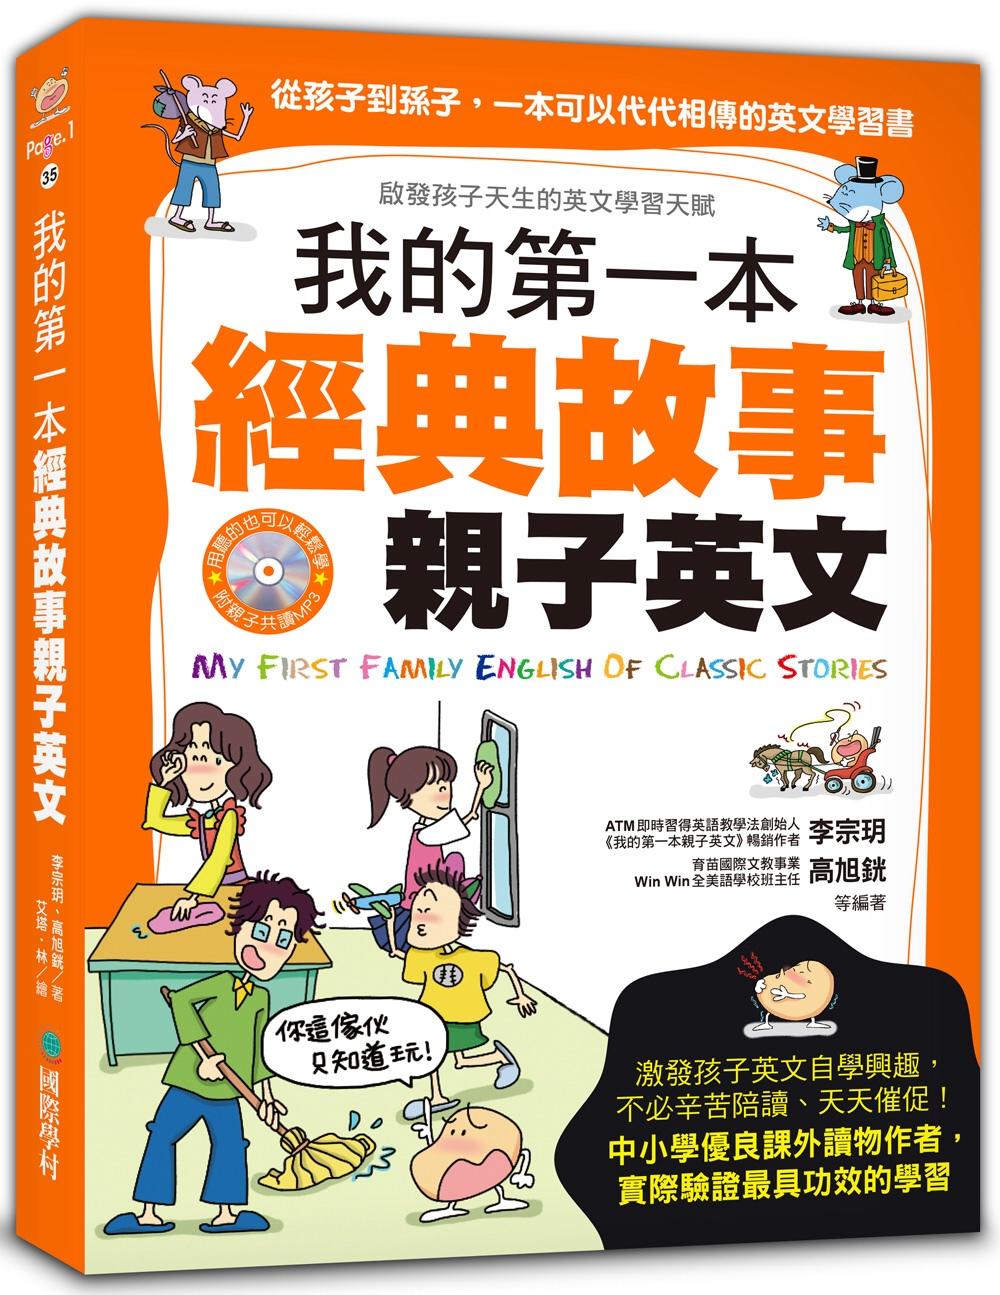 我的第一本經典故事親子英文:從孩子到孫子,一本可以代代相傳的英文學習書(軟精裝.附親子共讀MP3光碟)